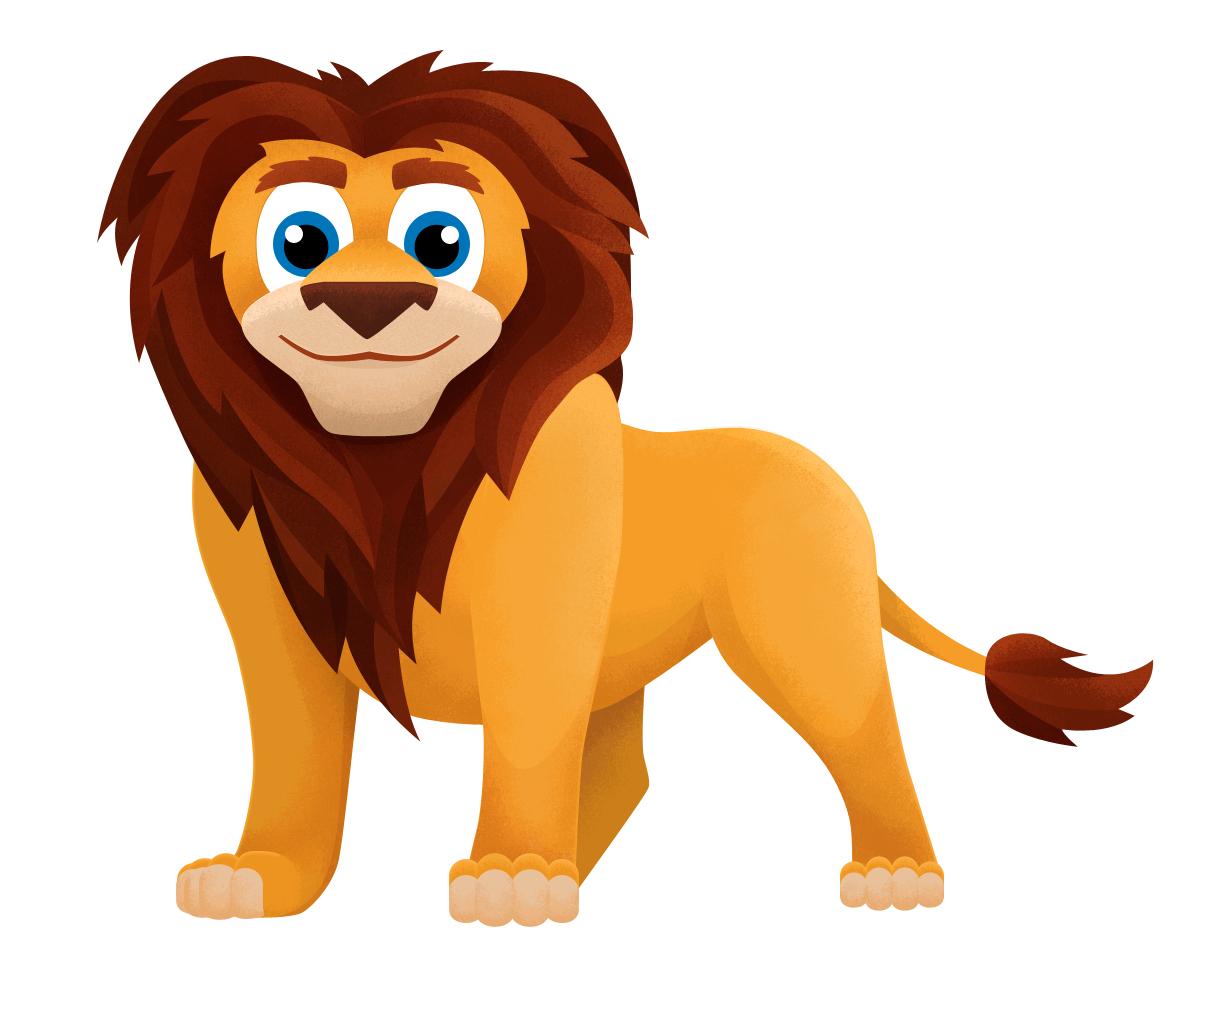 Dessins En Couleurs À Imprimer : Lion, Numéro : 199879 encequiconcerne Photo De Lion A Imprimer En Couleur